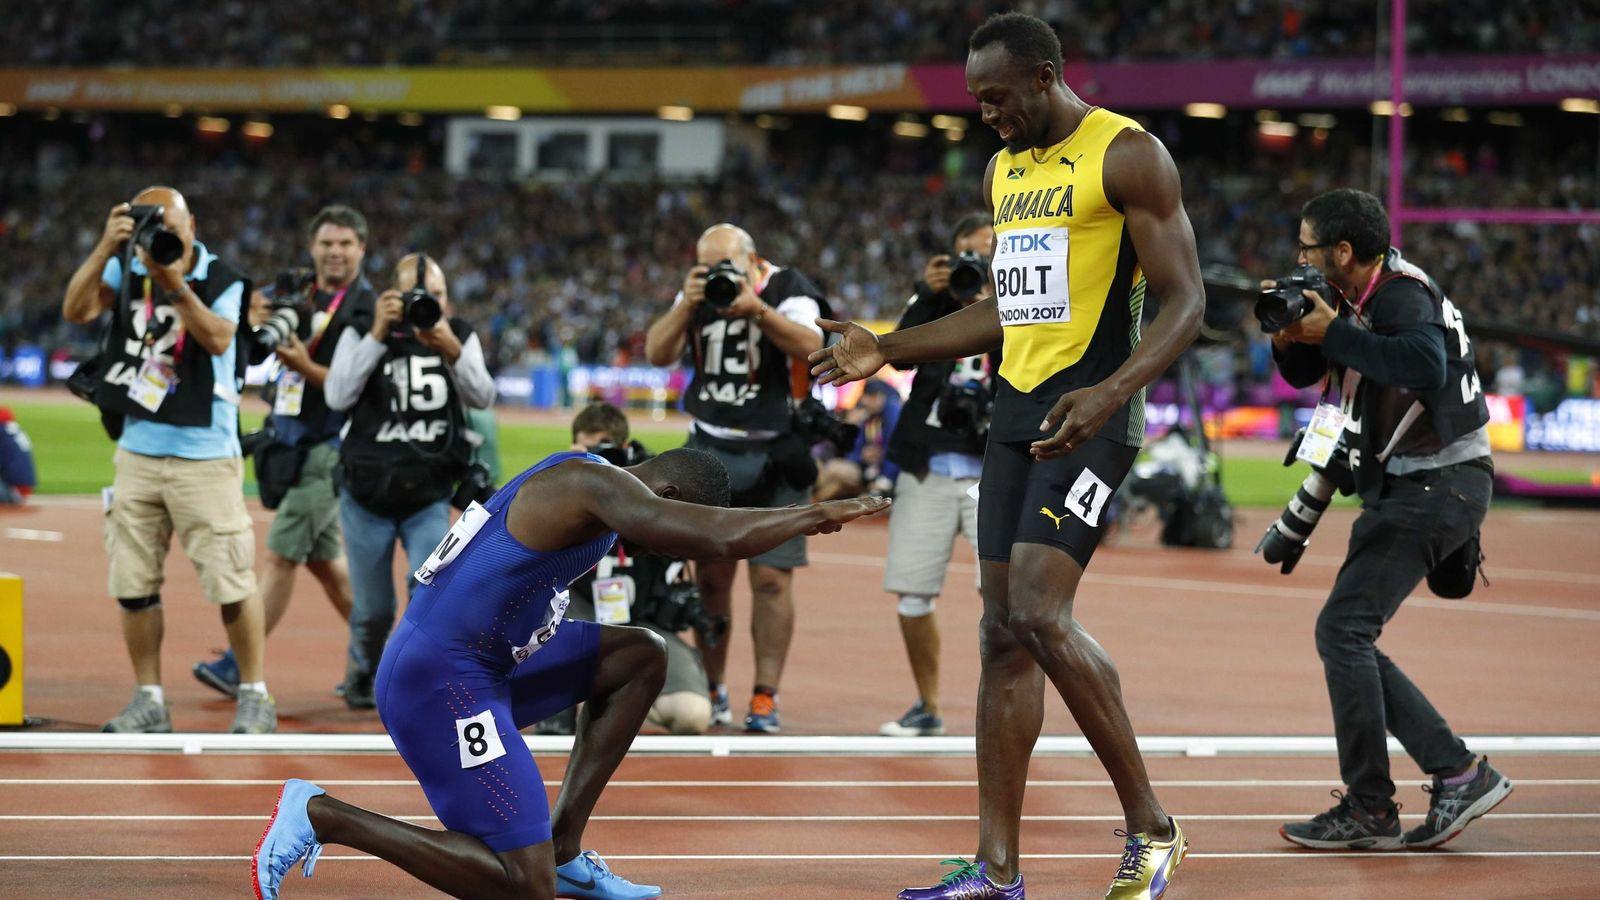 f5d2df6d8e Mundial de Atletismo: El amargo adiós de Bolt: He dado todo por este  deporte, es el momento de marcharme